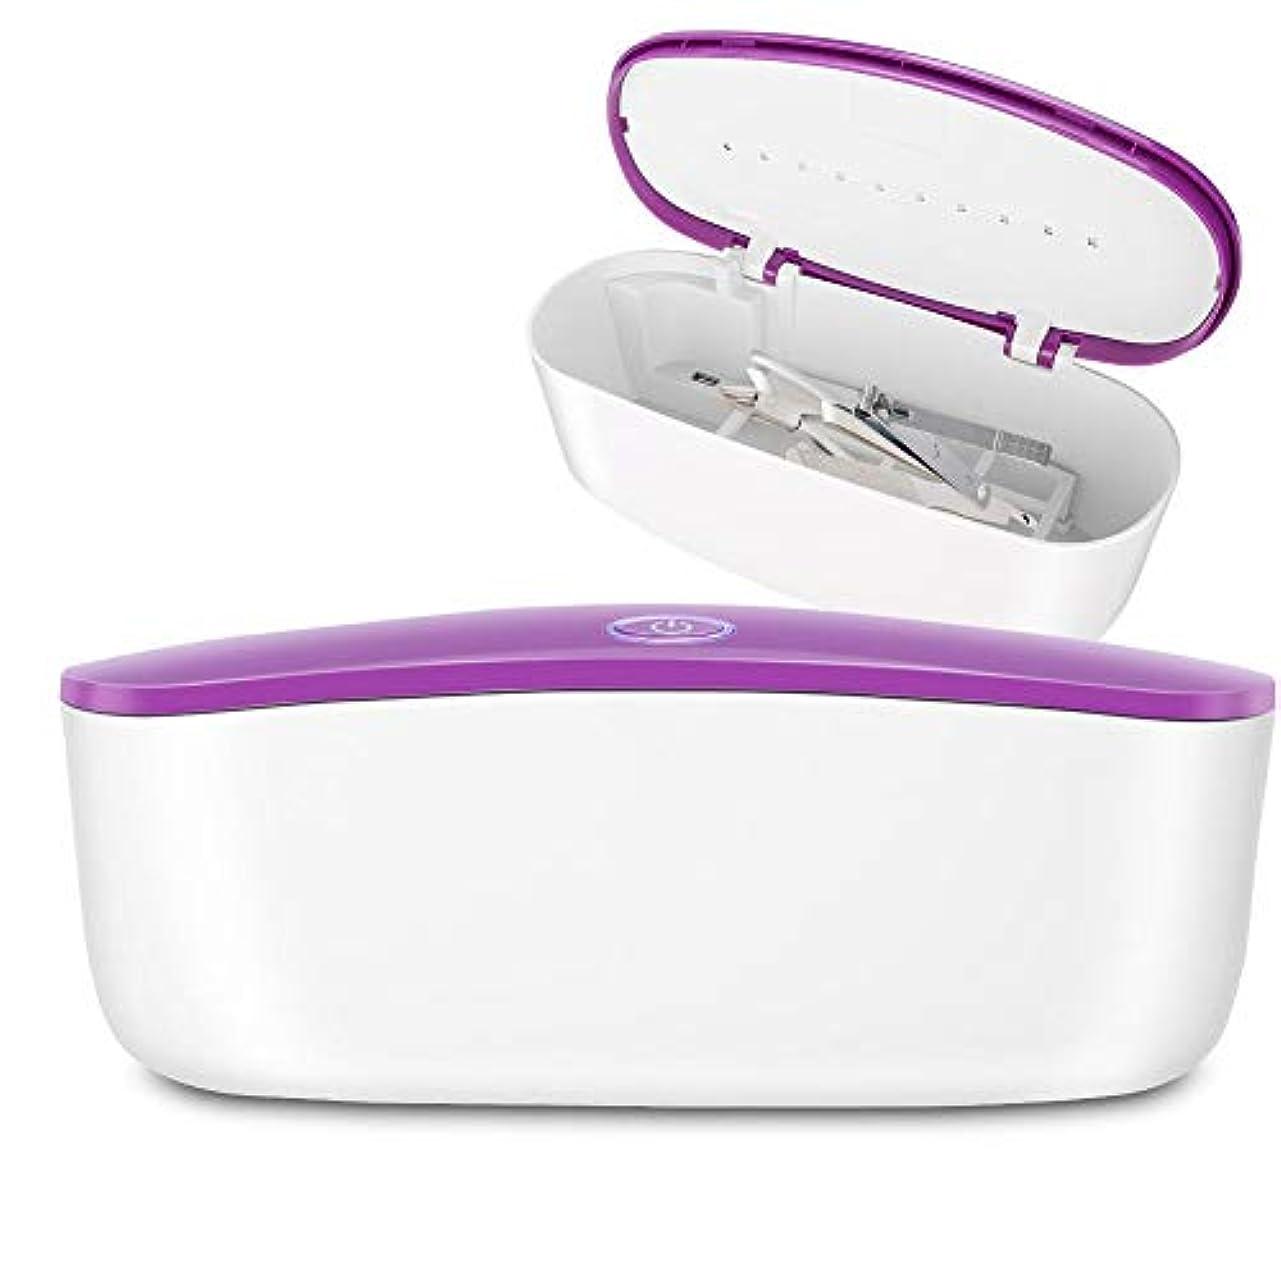 エゴマニア法的受付UVCクリーンボックス、USBネイルアートUVライトマニキュアツール、眼鏡、ジュエリー、玩具、キー、歯ブラシ